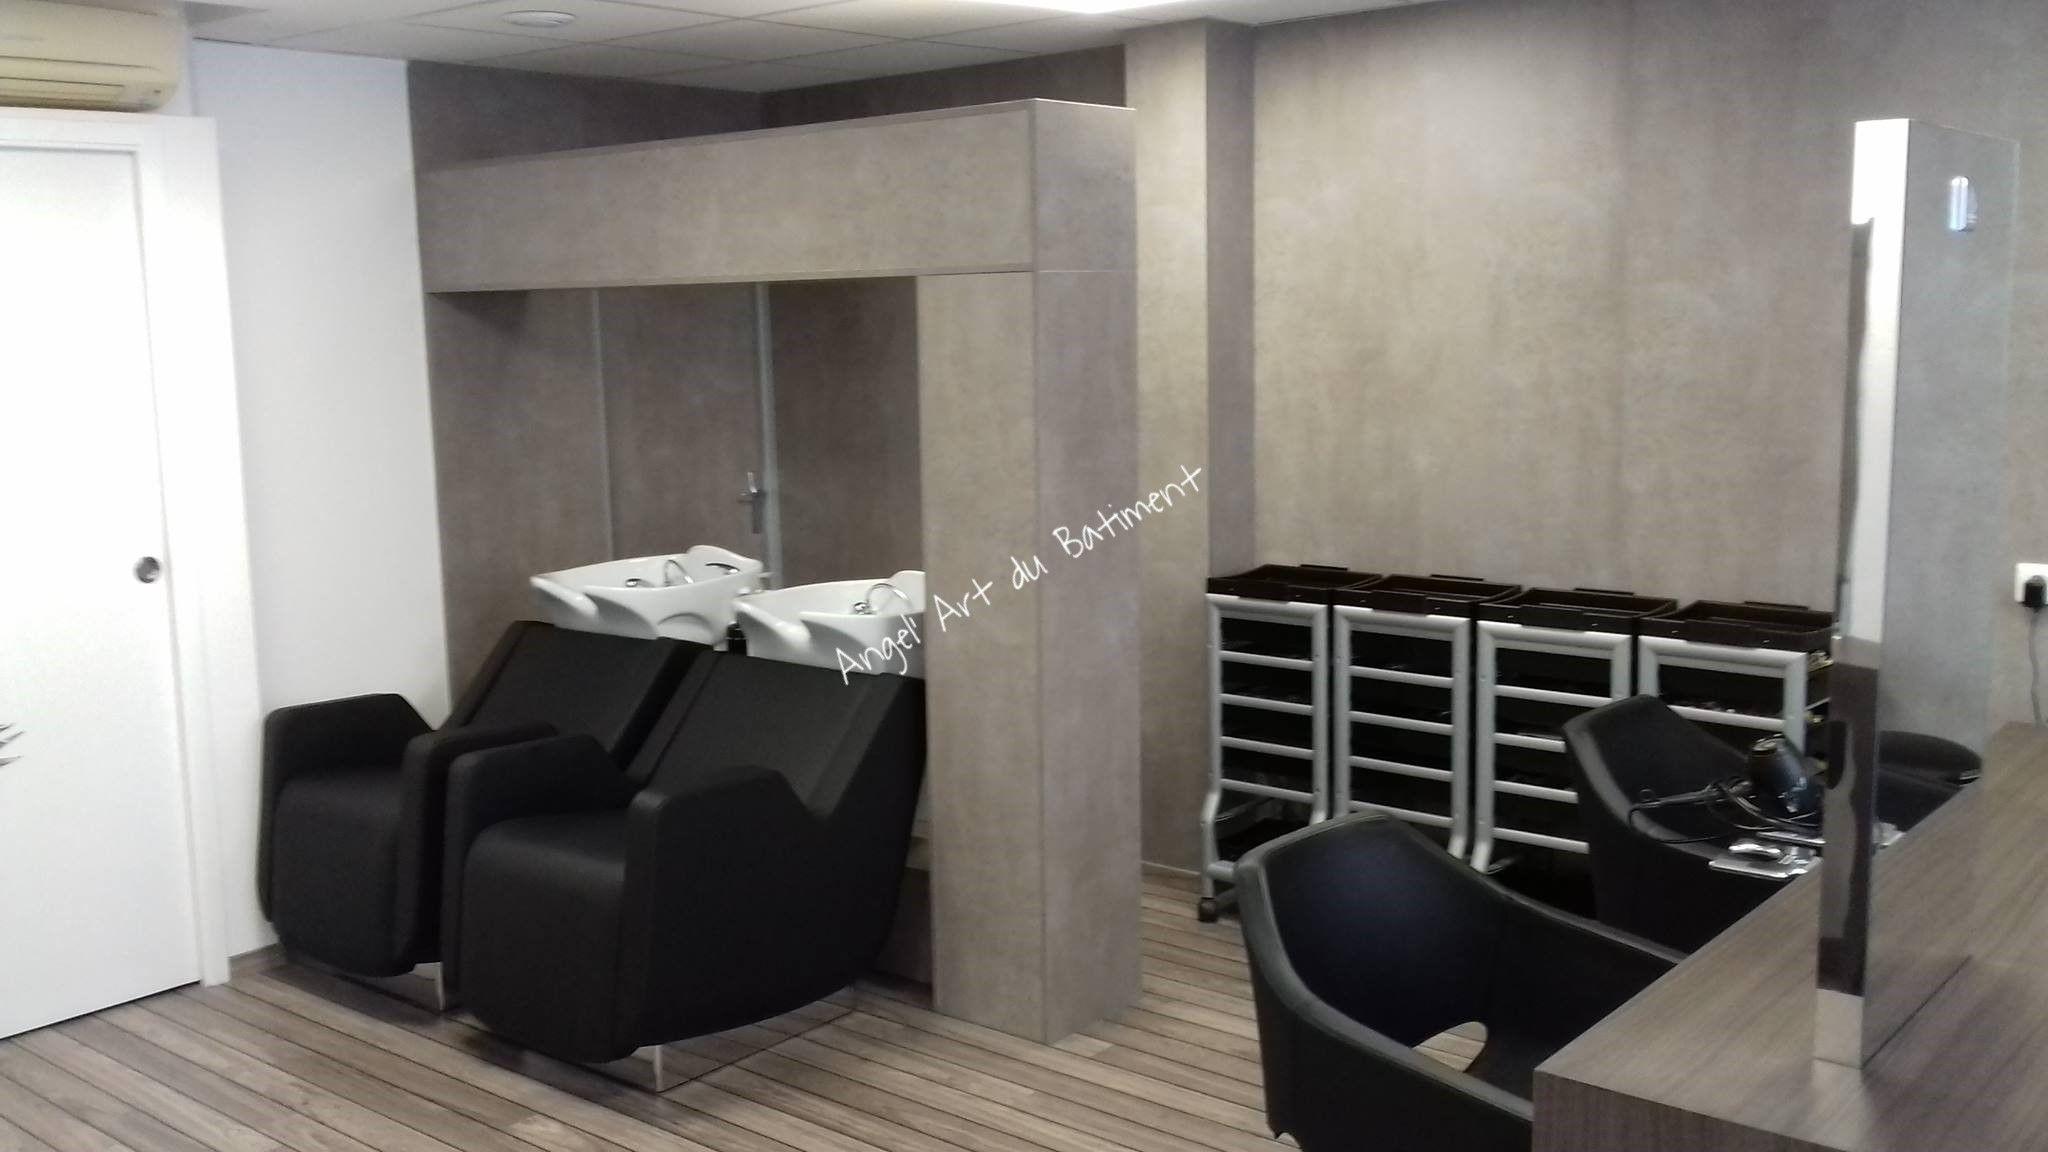 Agencement Du Salon De Coiffure Aurelie S A Stiring Wendel Realise En Panneaux Egger F 274 St9 Beton Clair Salon De Coiffure Salon Coiffure